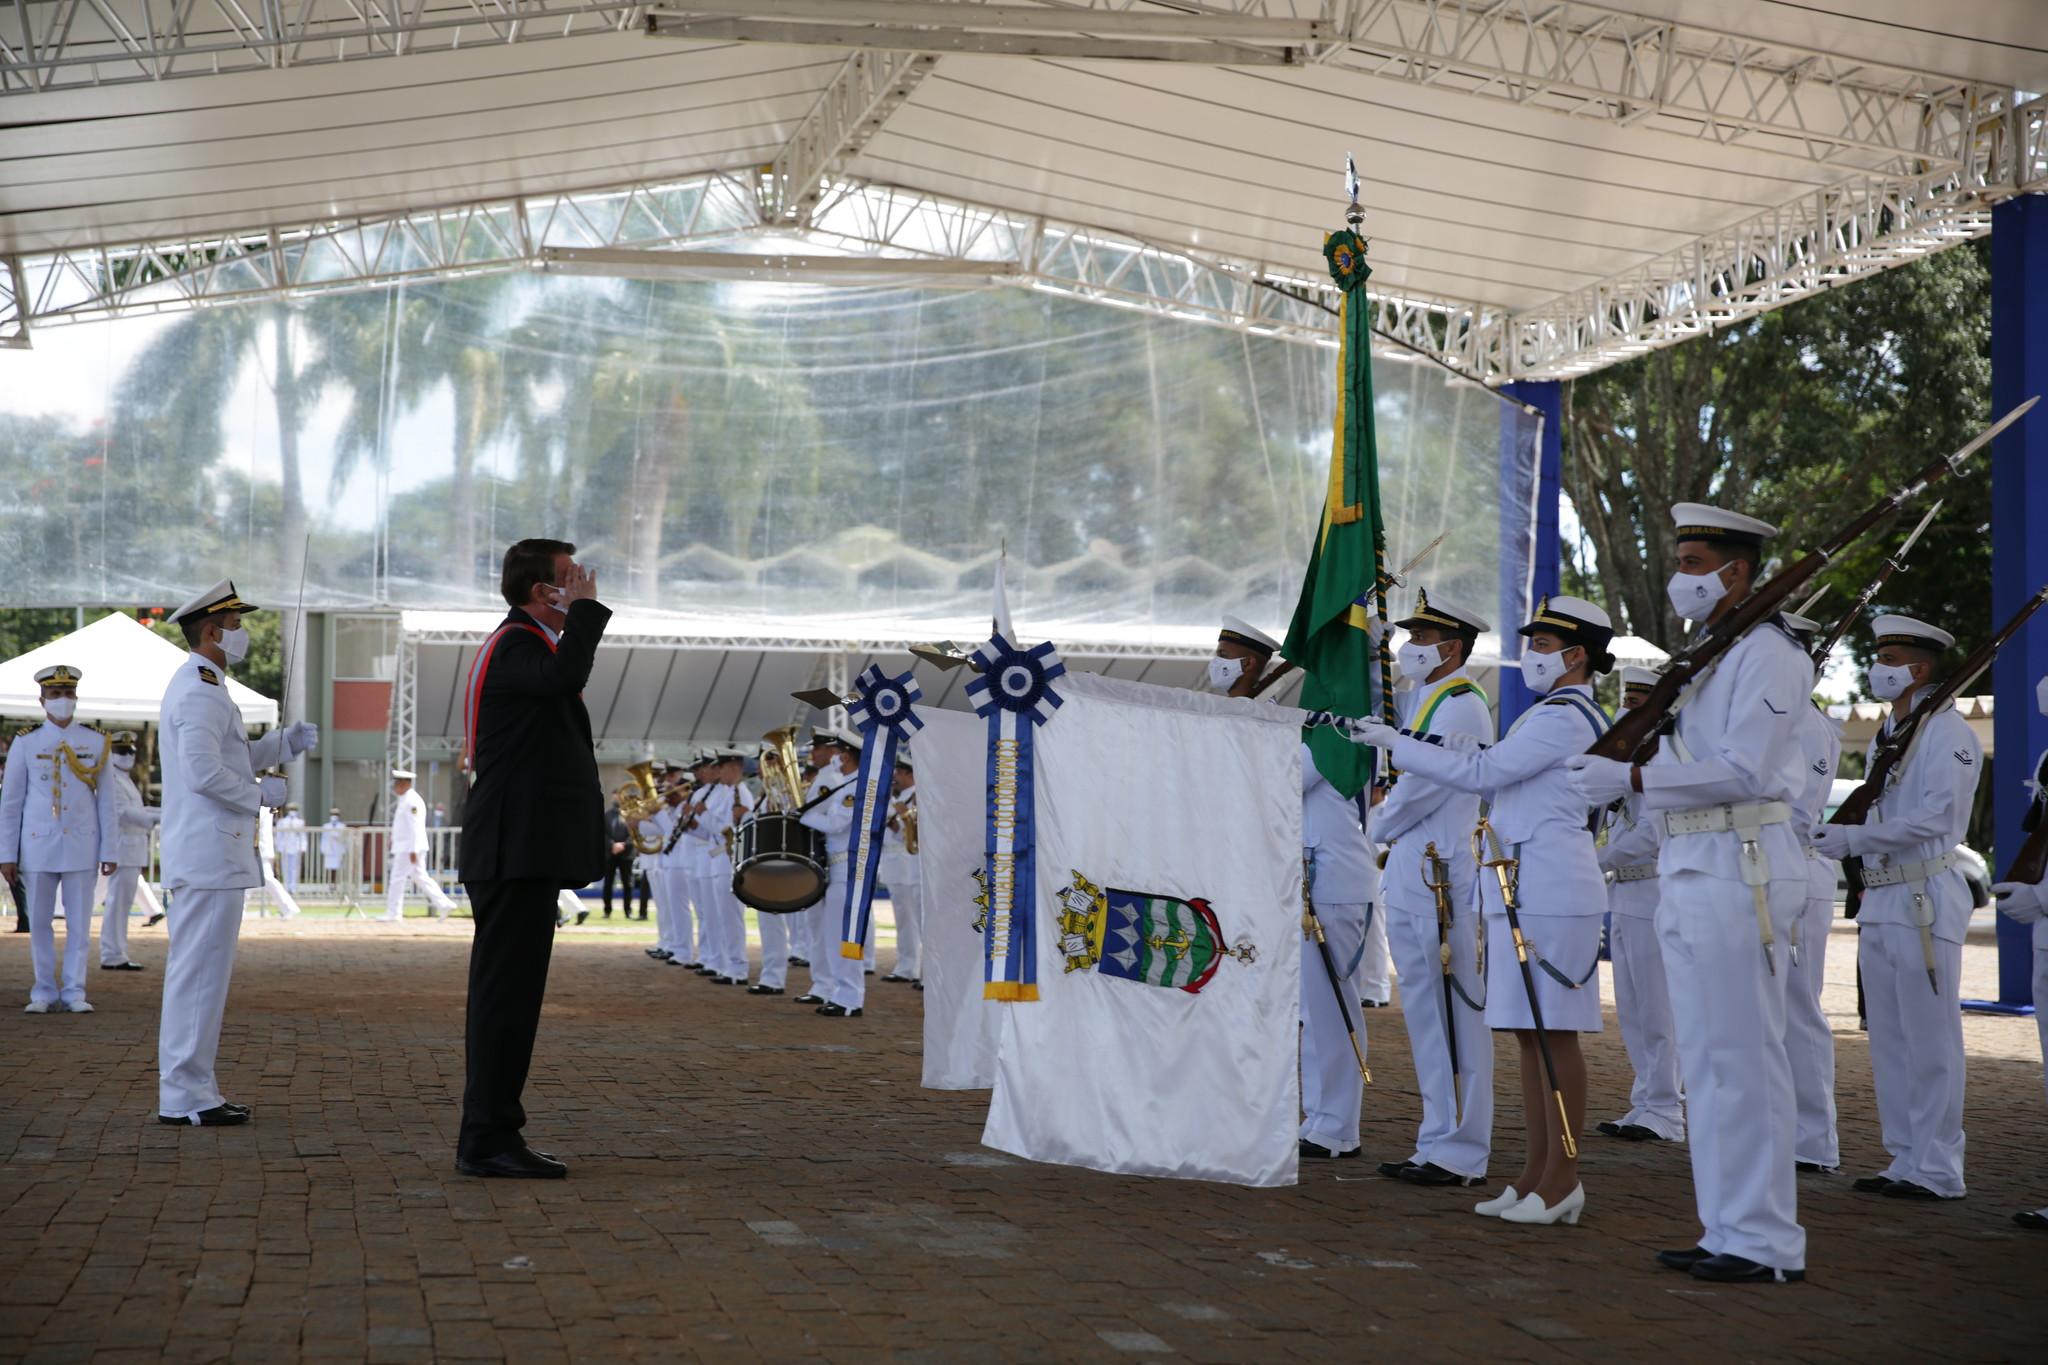 O Presidente do Brasil é cumprimentado pela guarda de honra, à chegada ao Grupamento de Fuzileiros Navais de Brasília. (imagem MB)